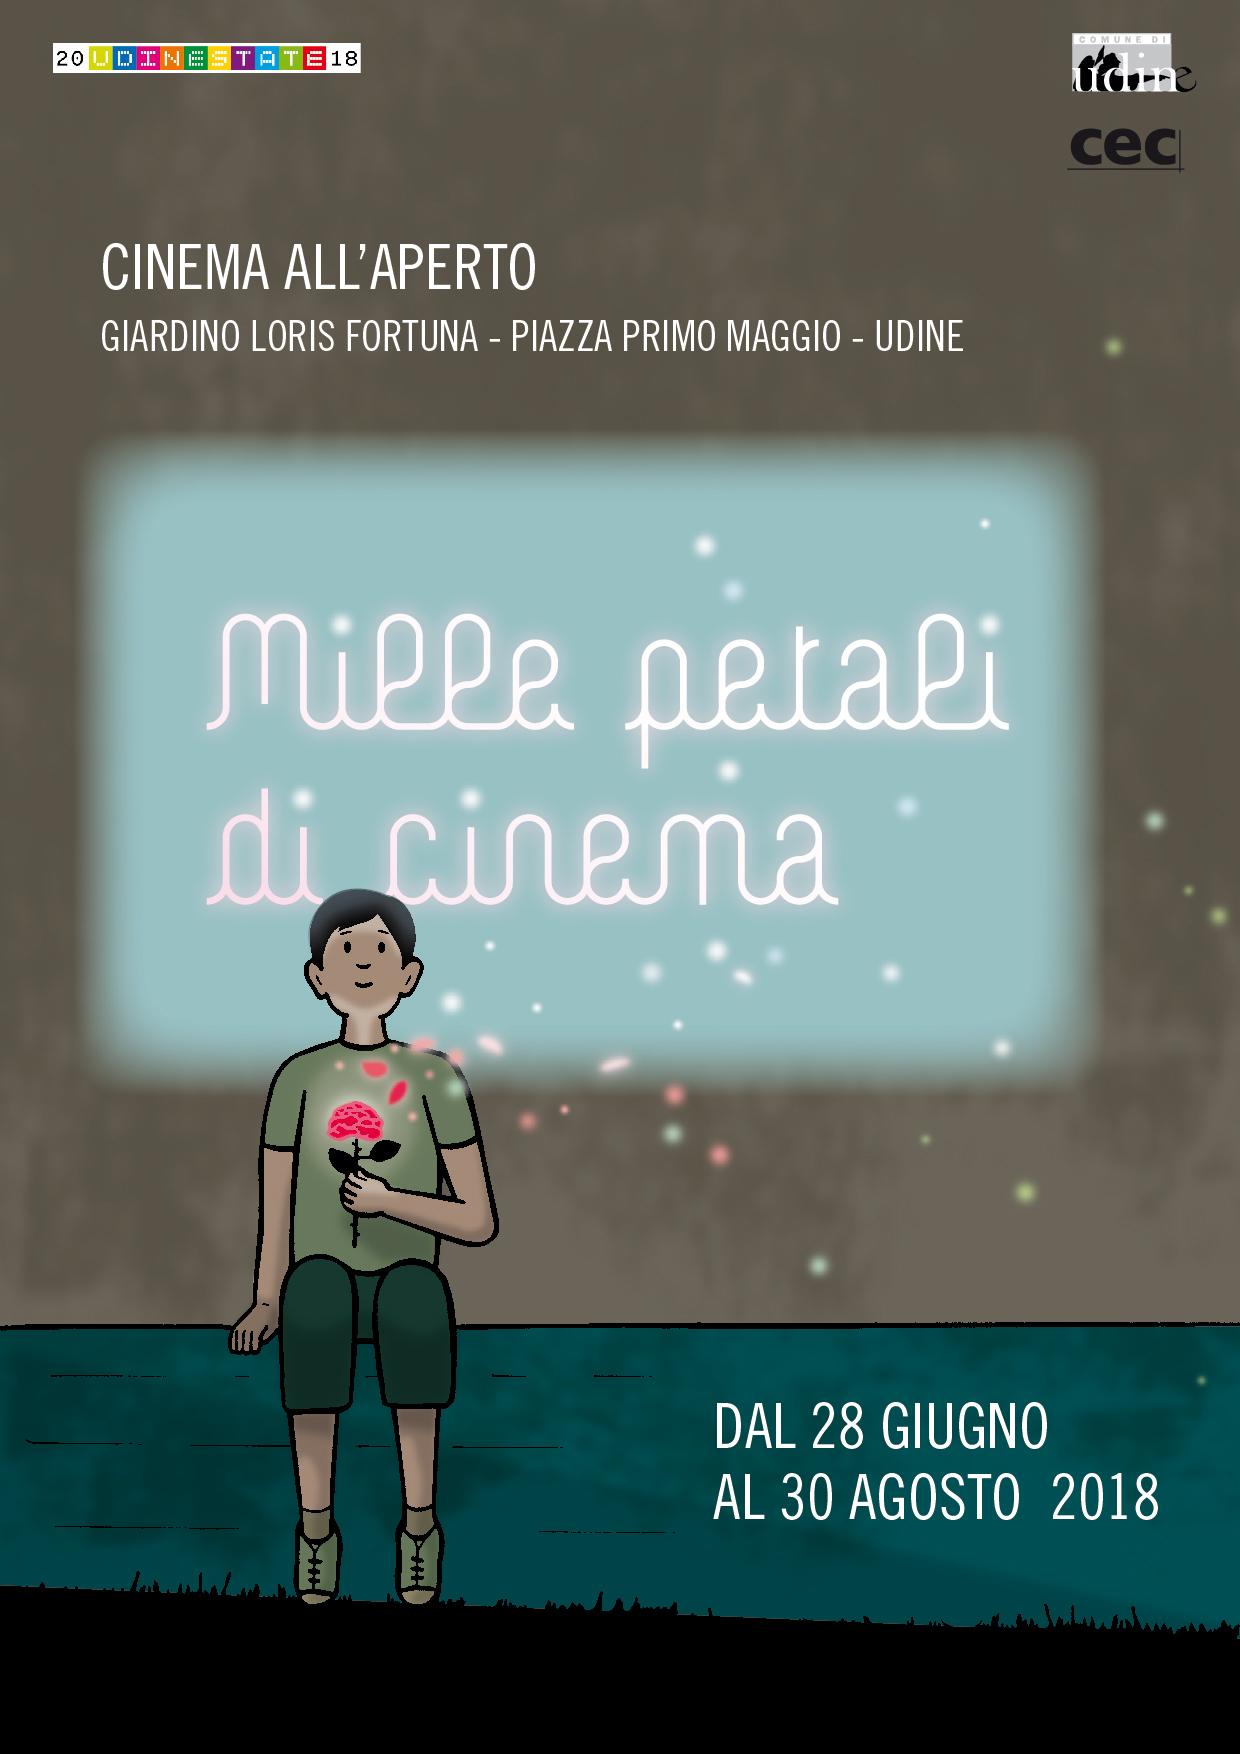 Mille Petali di cinema A4-01-2